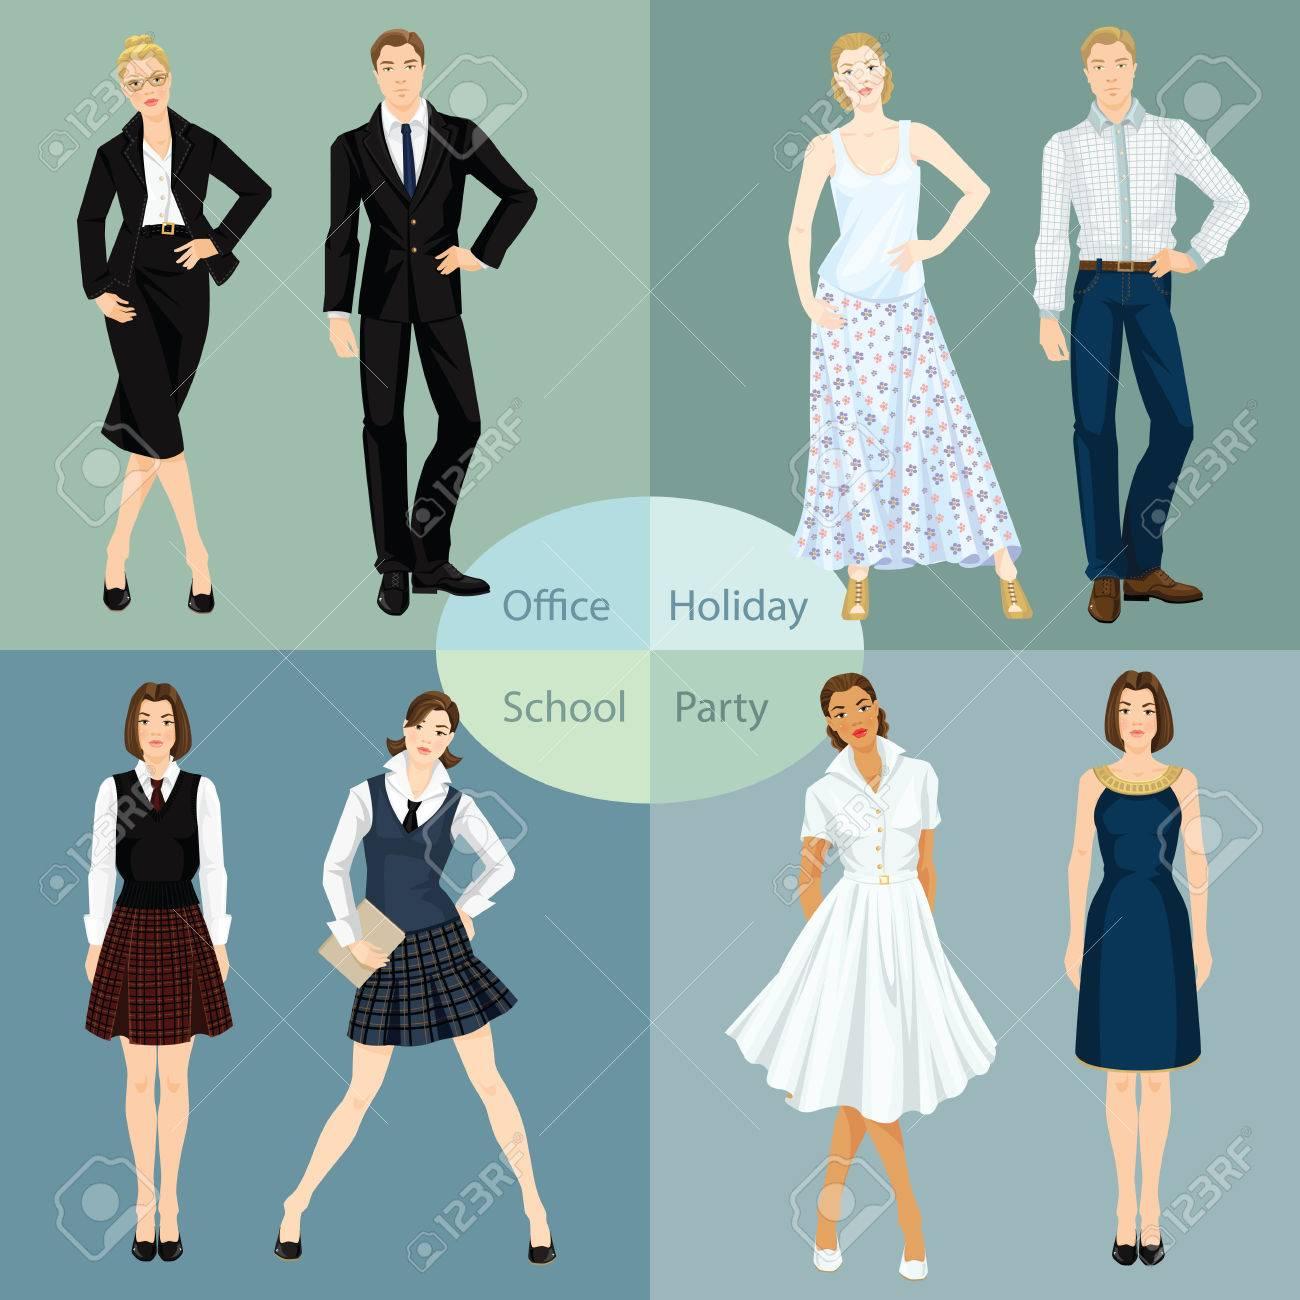 f00f0861d Colección de hombre y mujer en diferentes tipos de ropa. ilustración  vectorial de los jóvenes en la ropa para la oficina, fiesta, la escuela y  ...